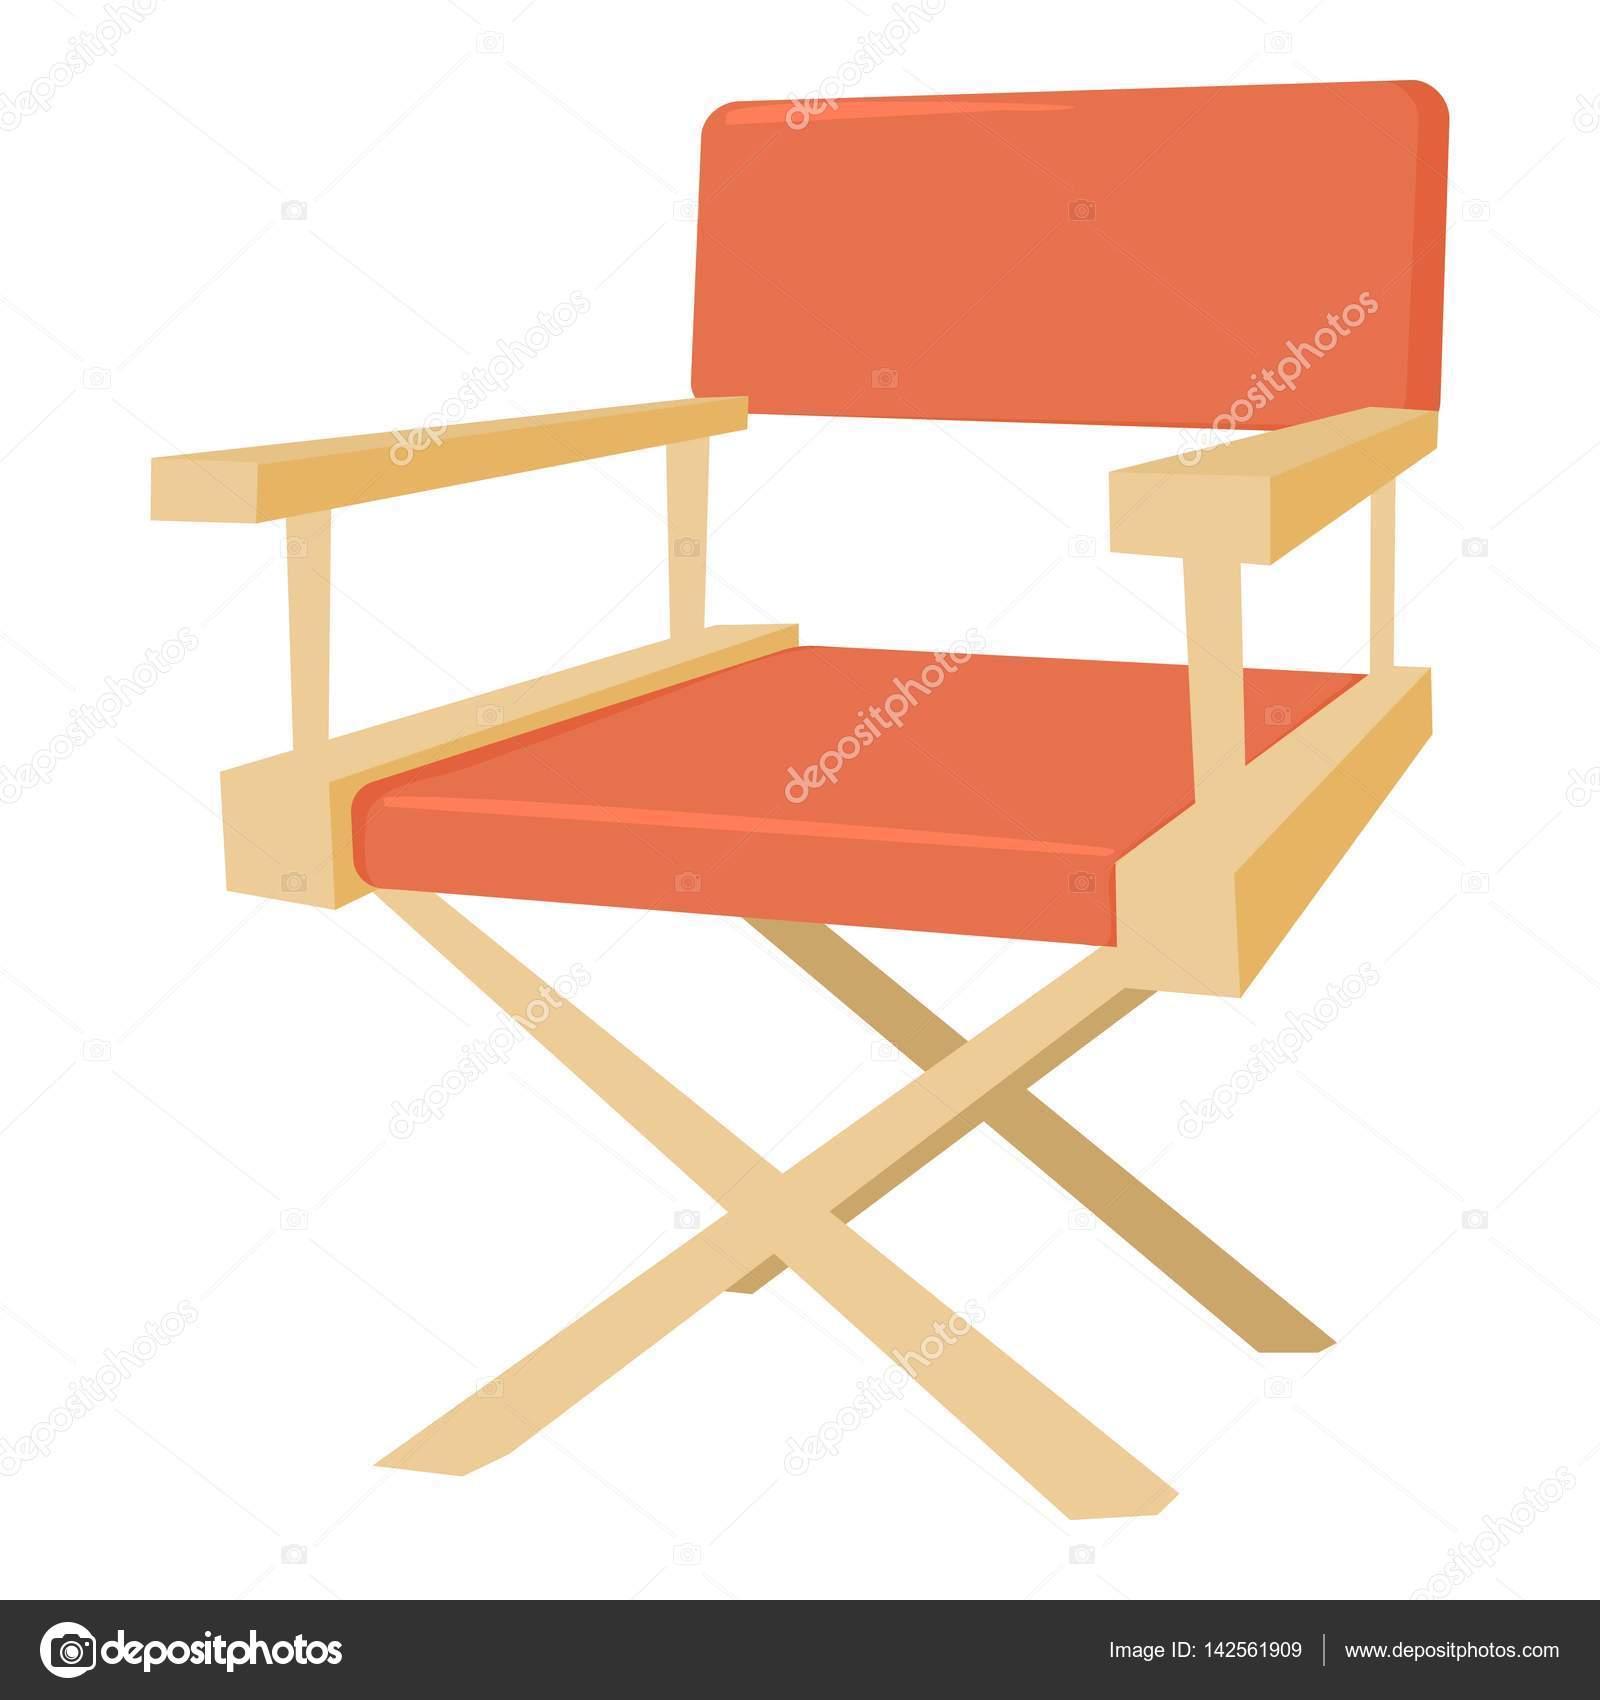 Icono del silla del director de cine estilo de dibujos animados